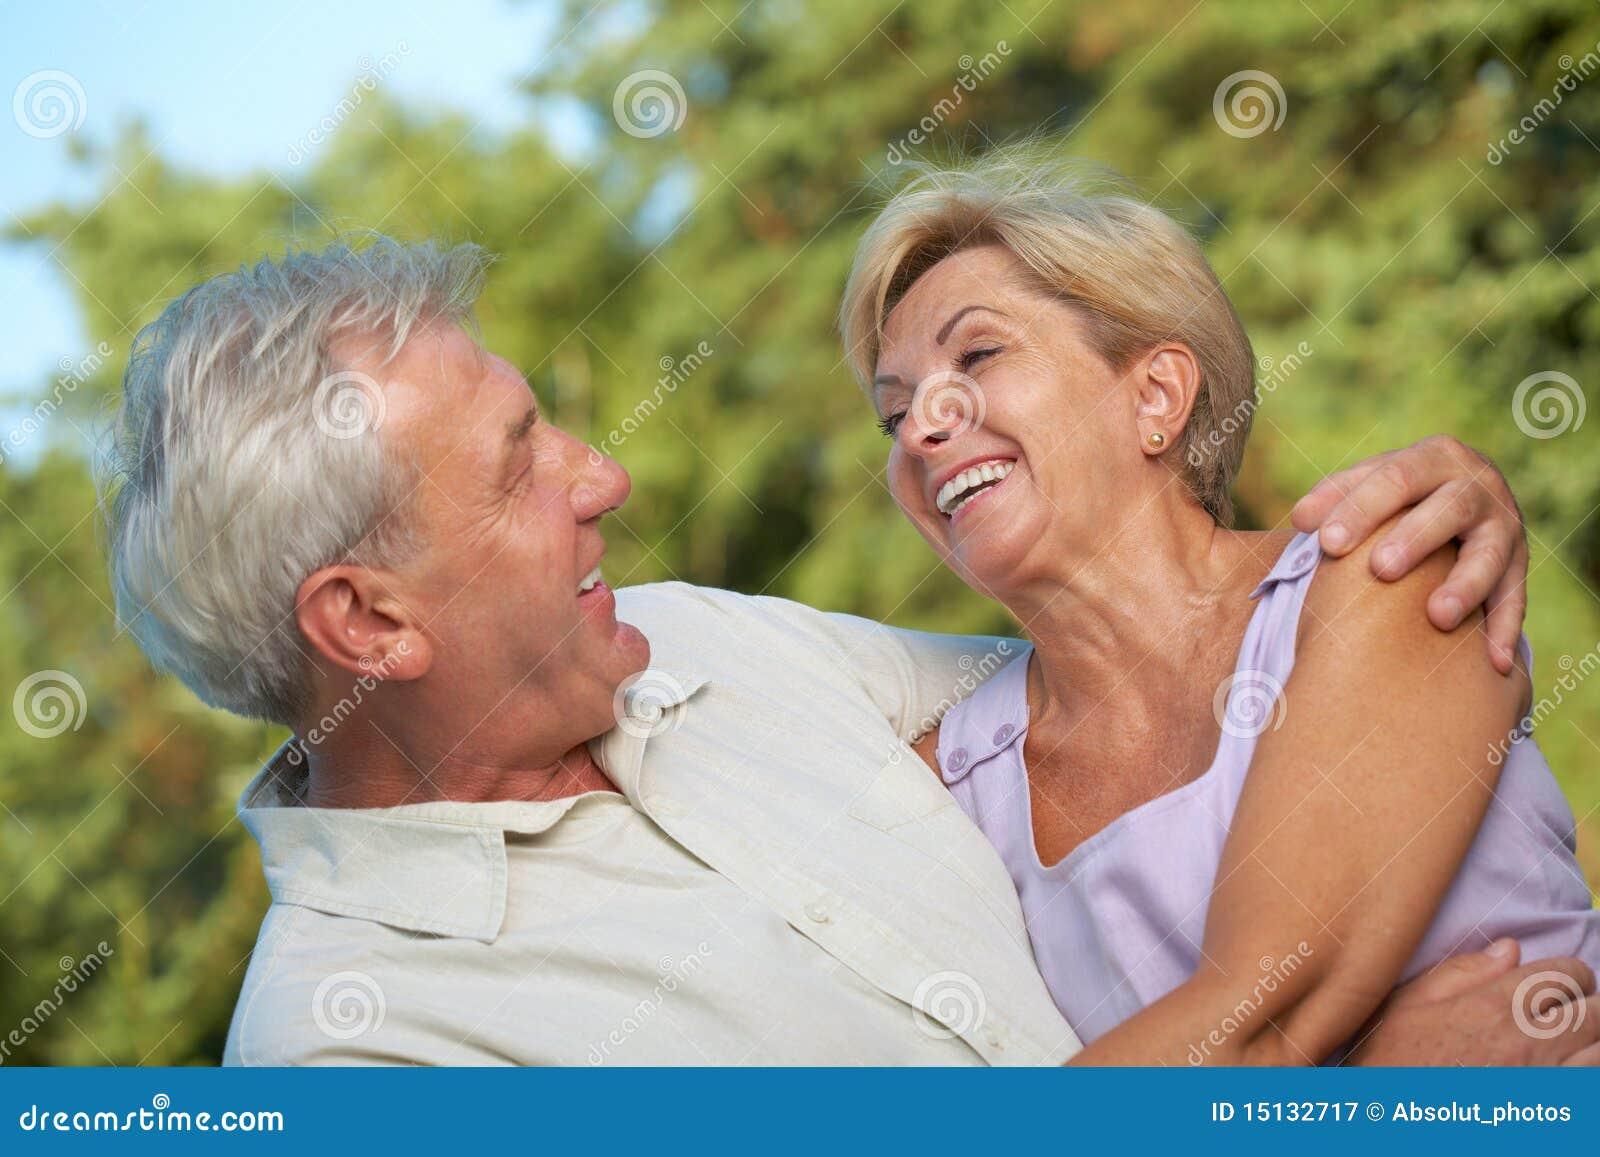 Very happy mature couple